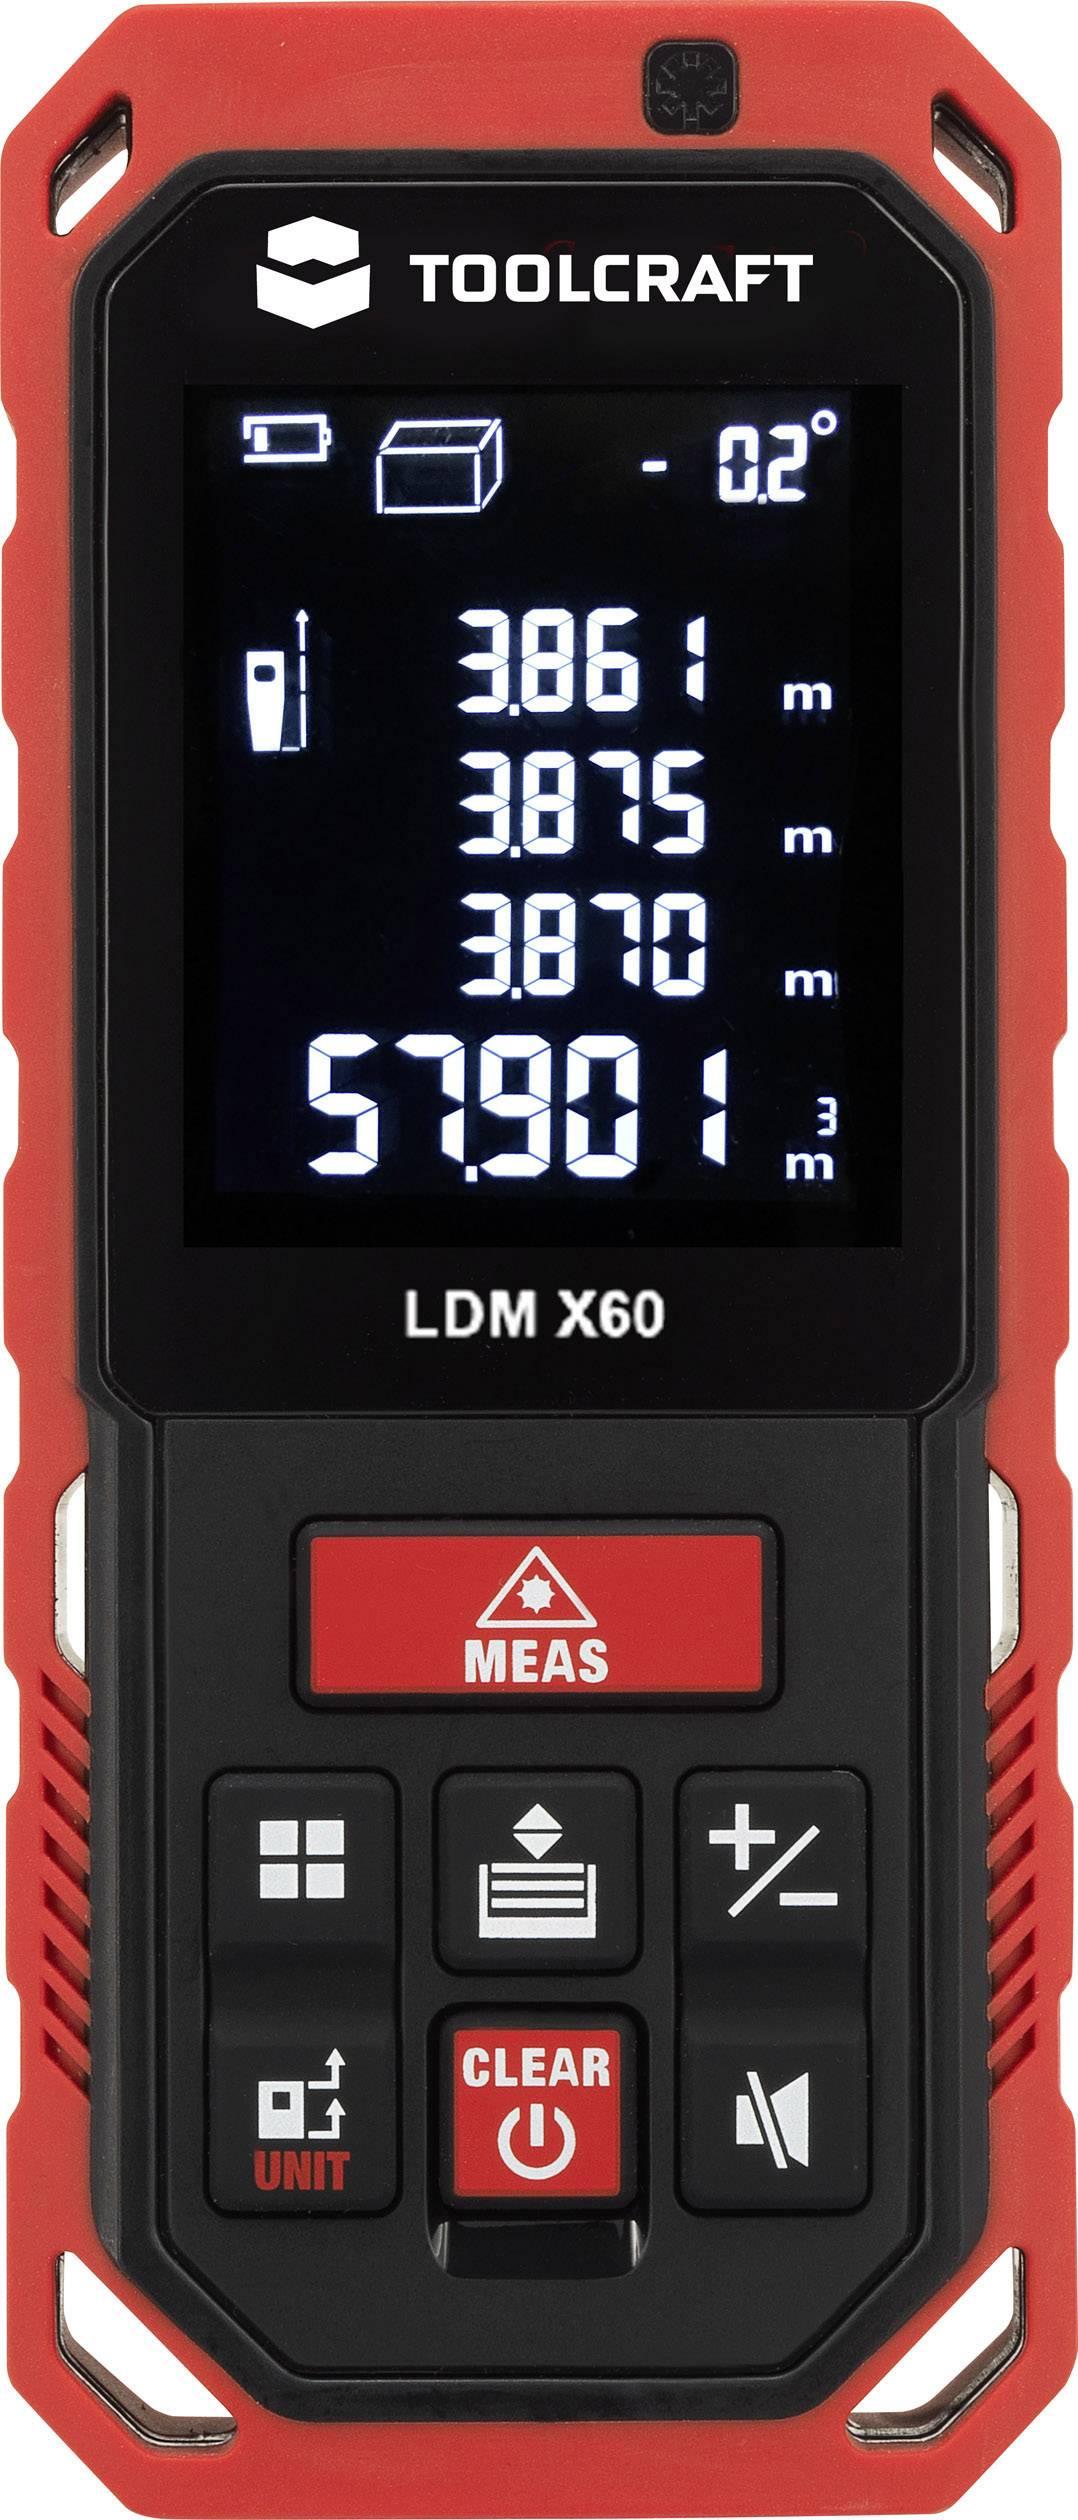 Laserovýdiaľkomer TOOLCRAFT TO-LMD X60, max. rozsah 60 m